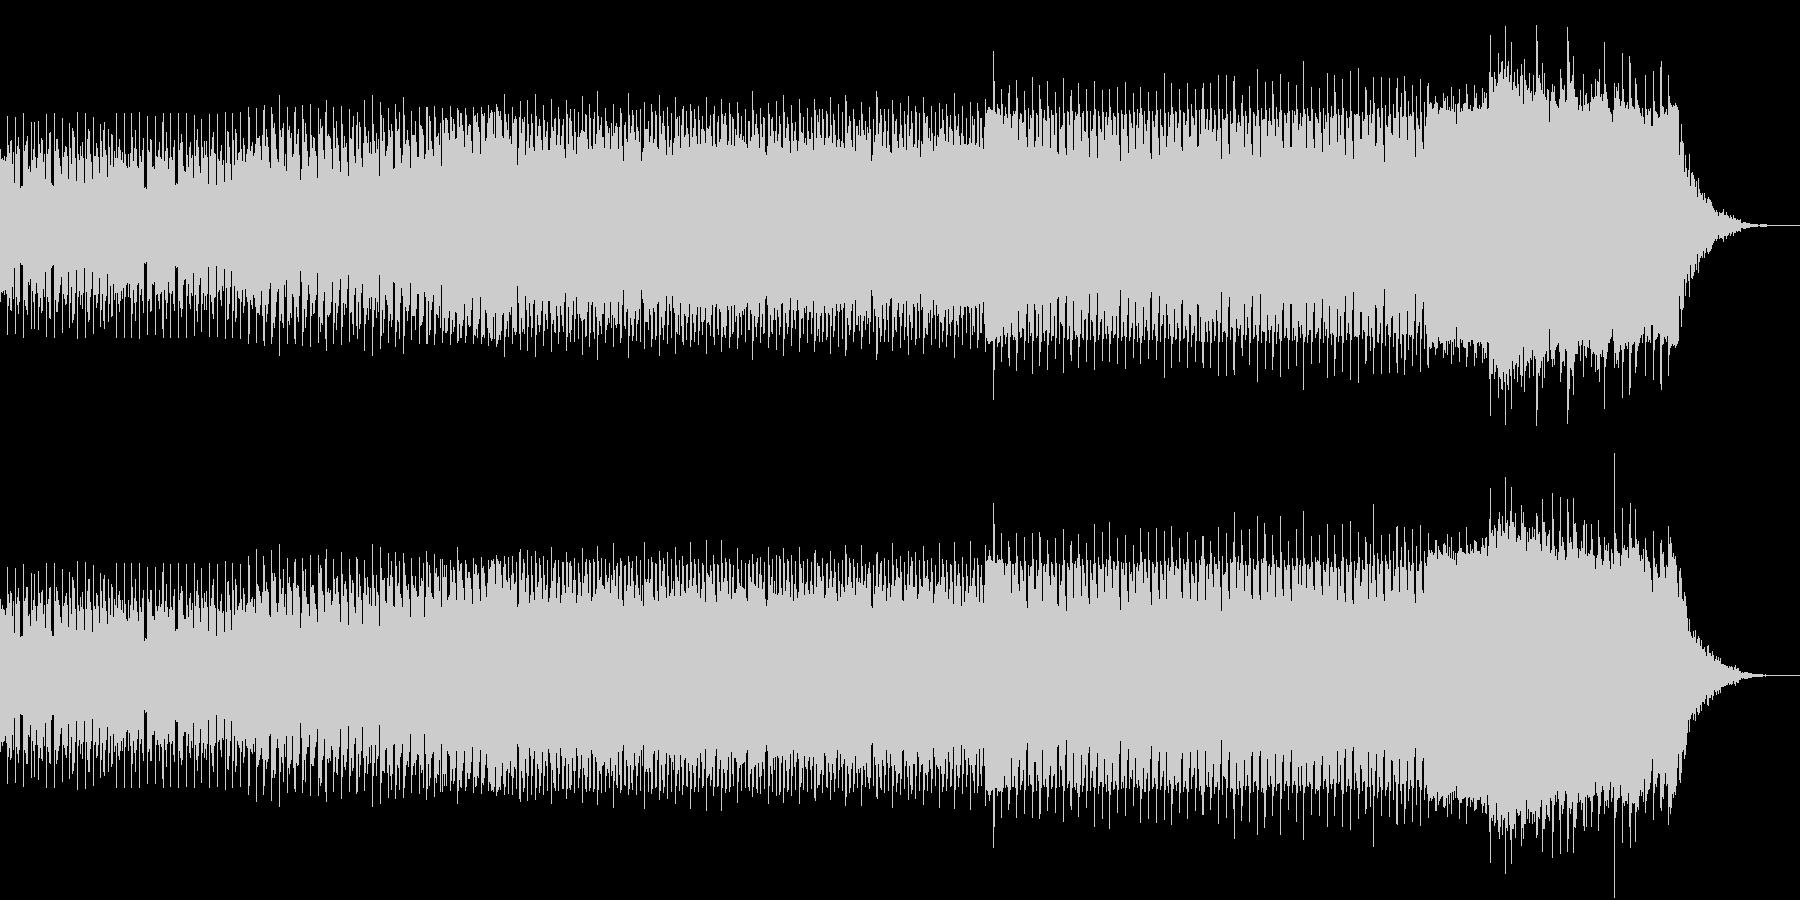 ニュース 報道 事件 EDM 迷走 迷路の未再生の波形